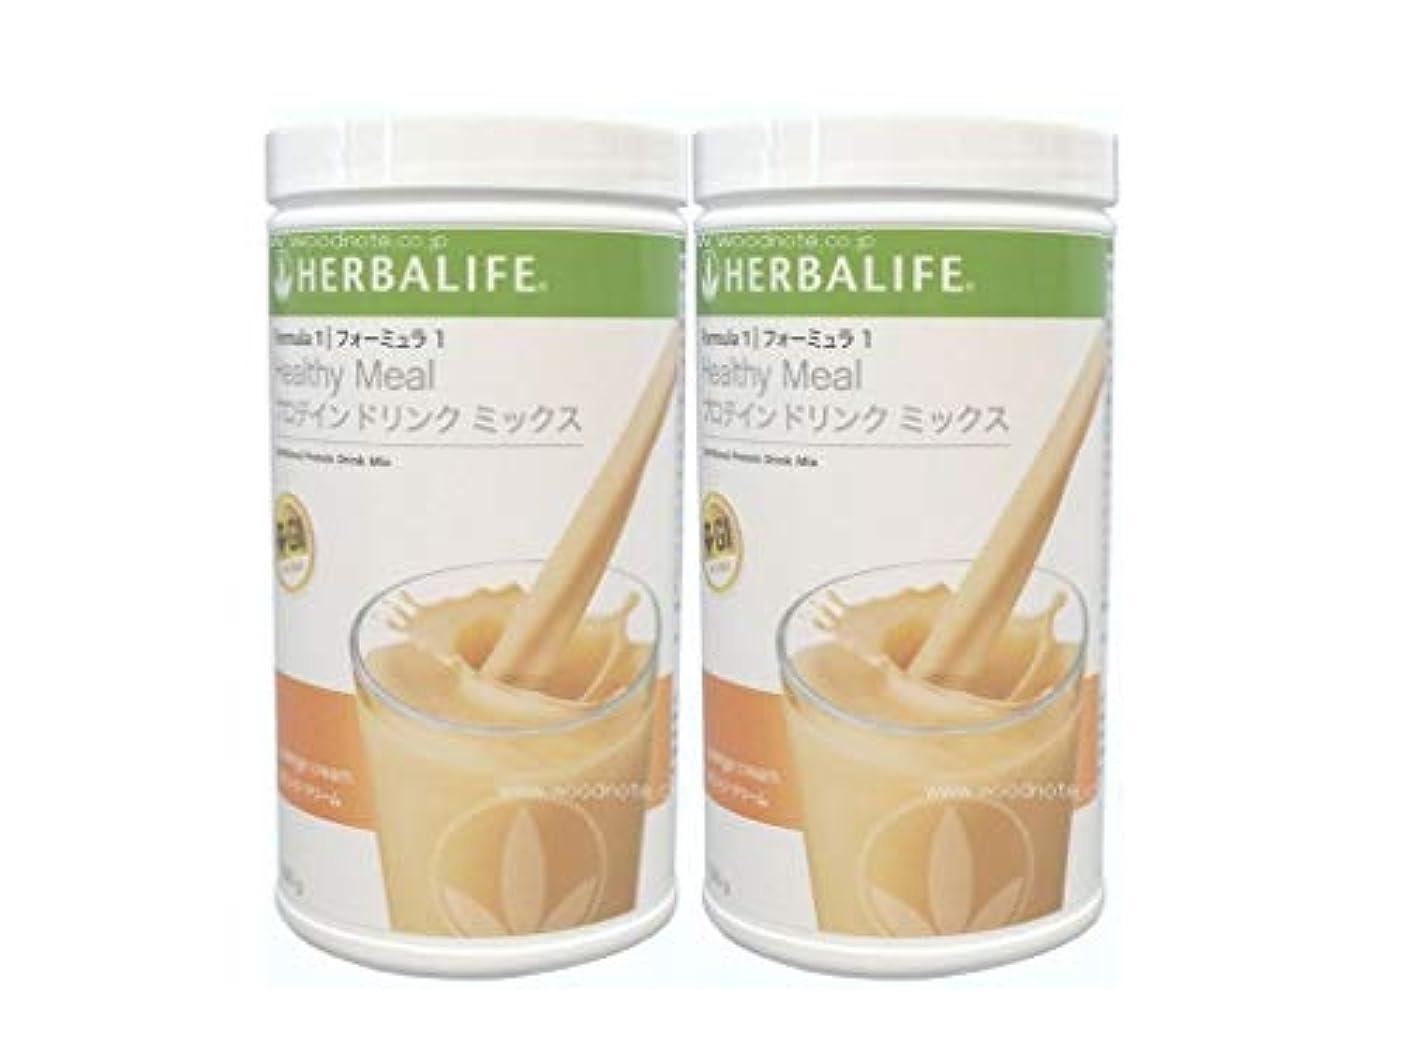 補体に頼るログハーバライフ フォーミュラ1プロテインドリンクミックス- オレンジクリーム味 2本セット